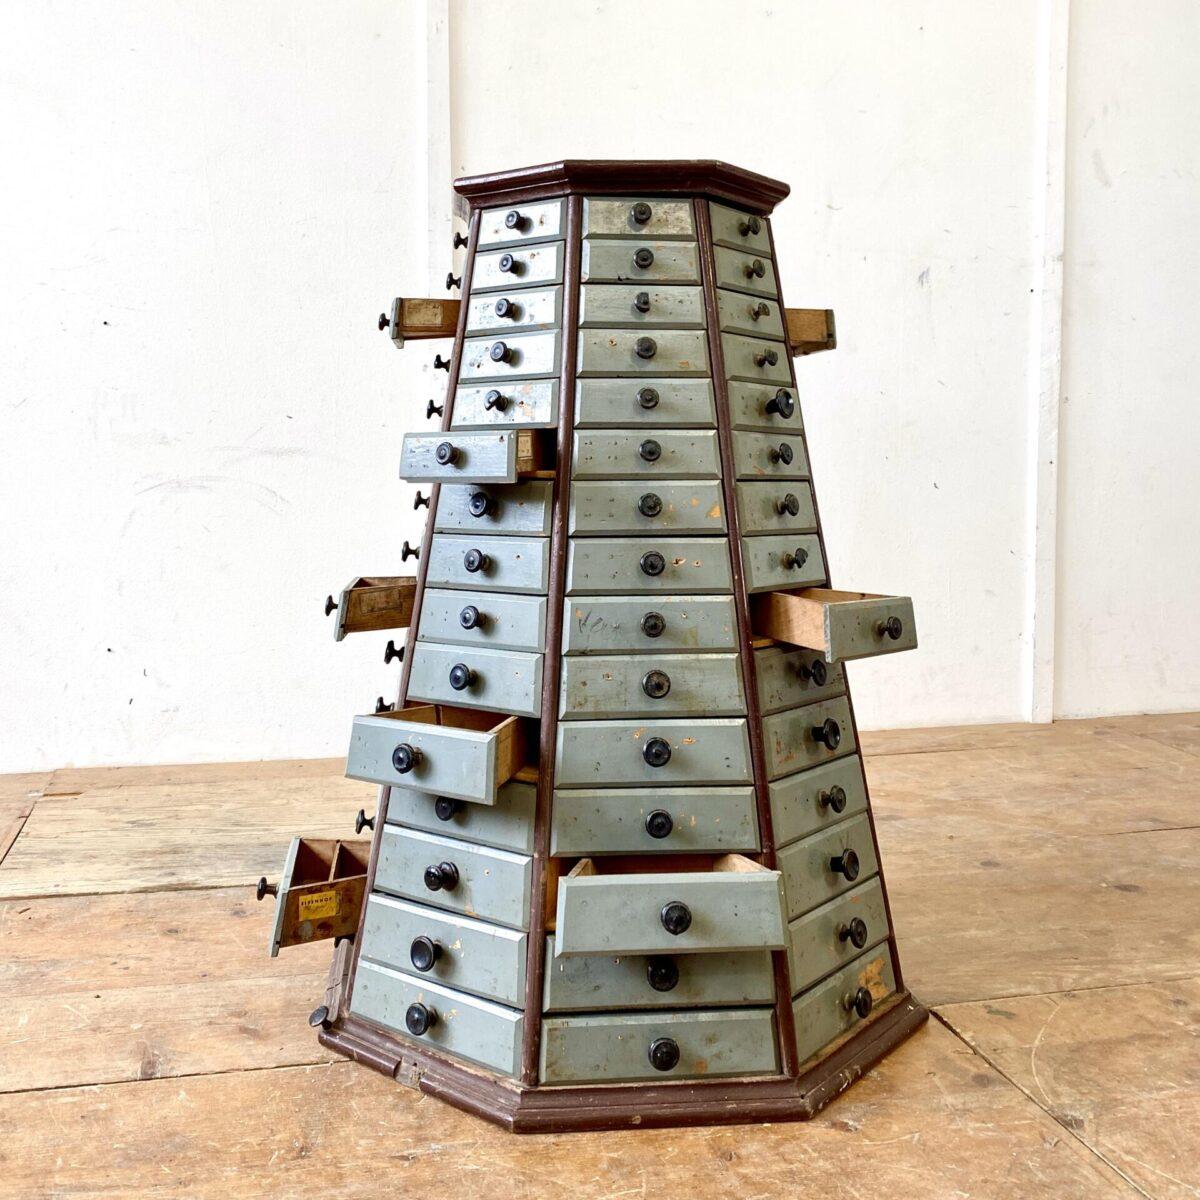 Deuxieme.shop industrial Apotheker Schubladenkorpus. Schubladenmöbel mit 120 Schubladen. Unterer Durchmesser 65cm oben 36cm Höhe 84cm. Die Schubladen haben eine dreieckige Grundform.